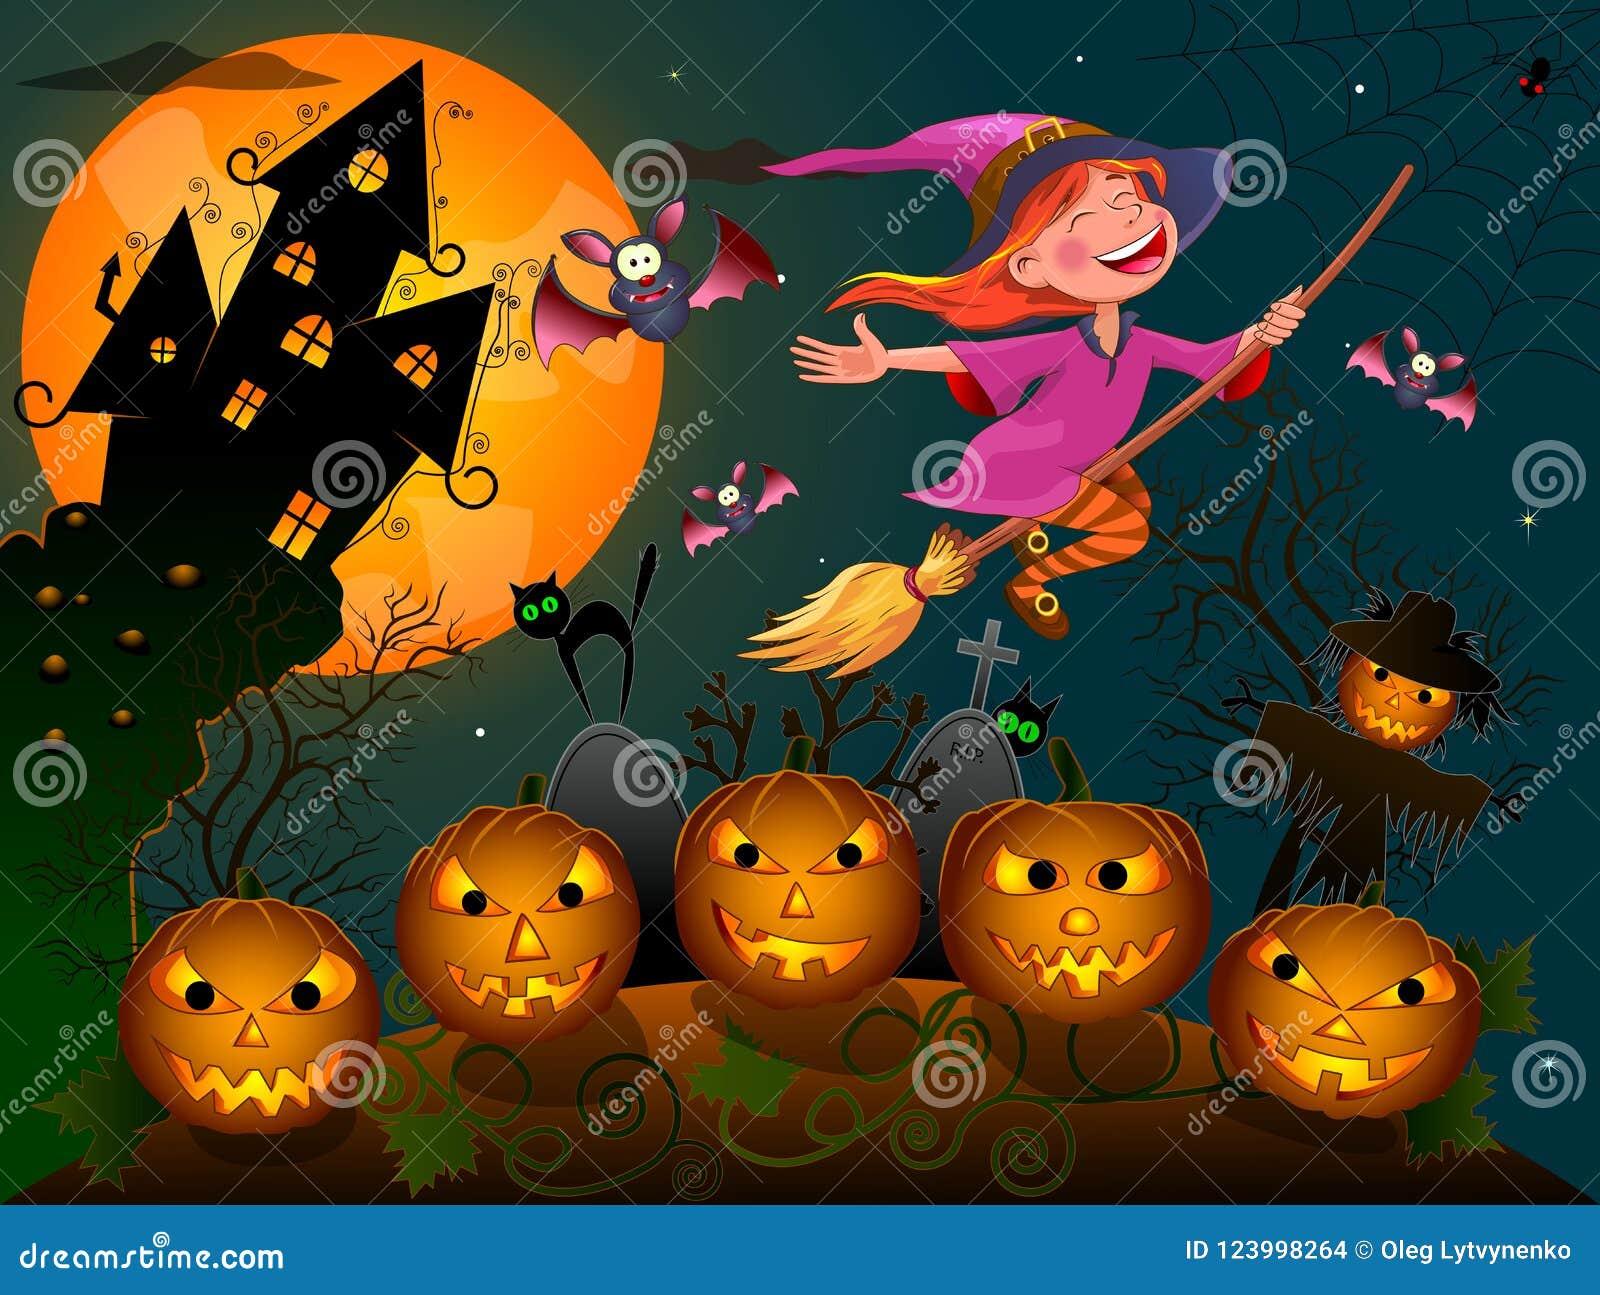 Bruxa Pequena 1 De Dia Das Bruxas Noite Em Halloween Ilustracao Do